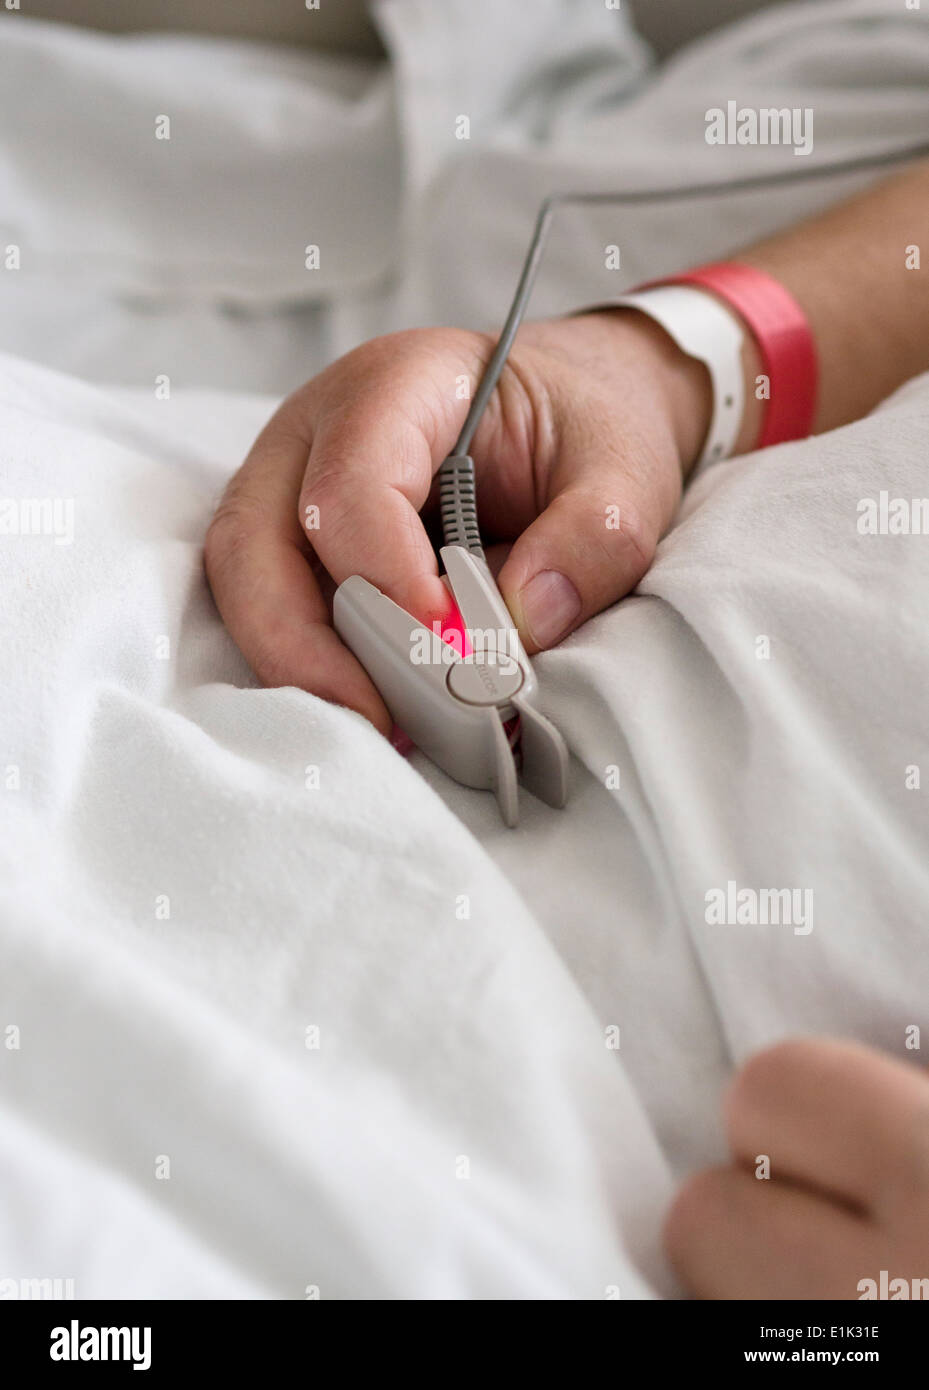 Un monitor de pulso y oxígeno en el dedo del paciente. Una marca nellcor oxígeno y monitor de pulso brilla en el dedo de un paciente. Imagen De Stock